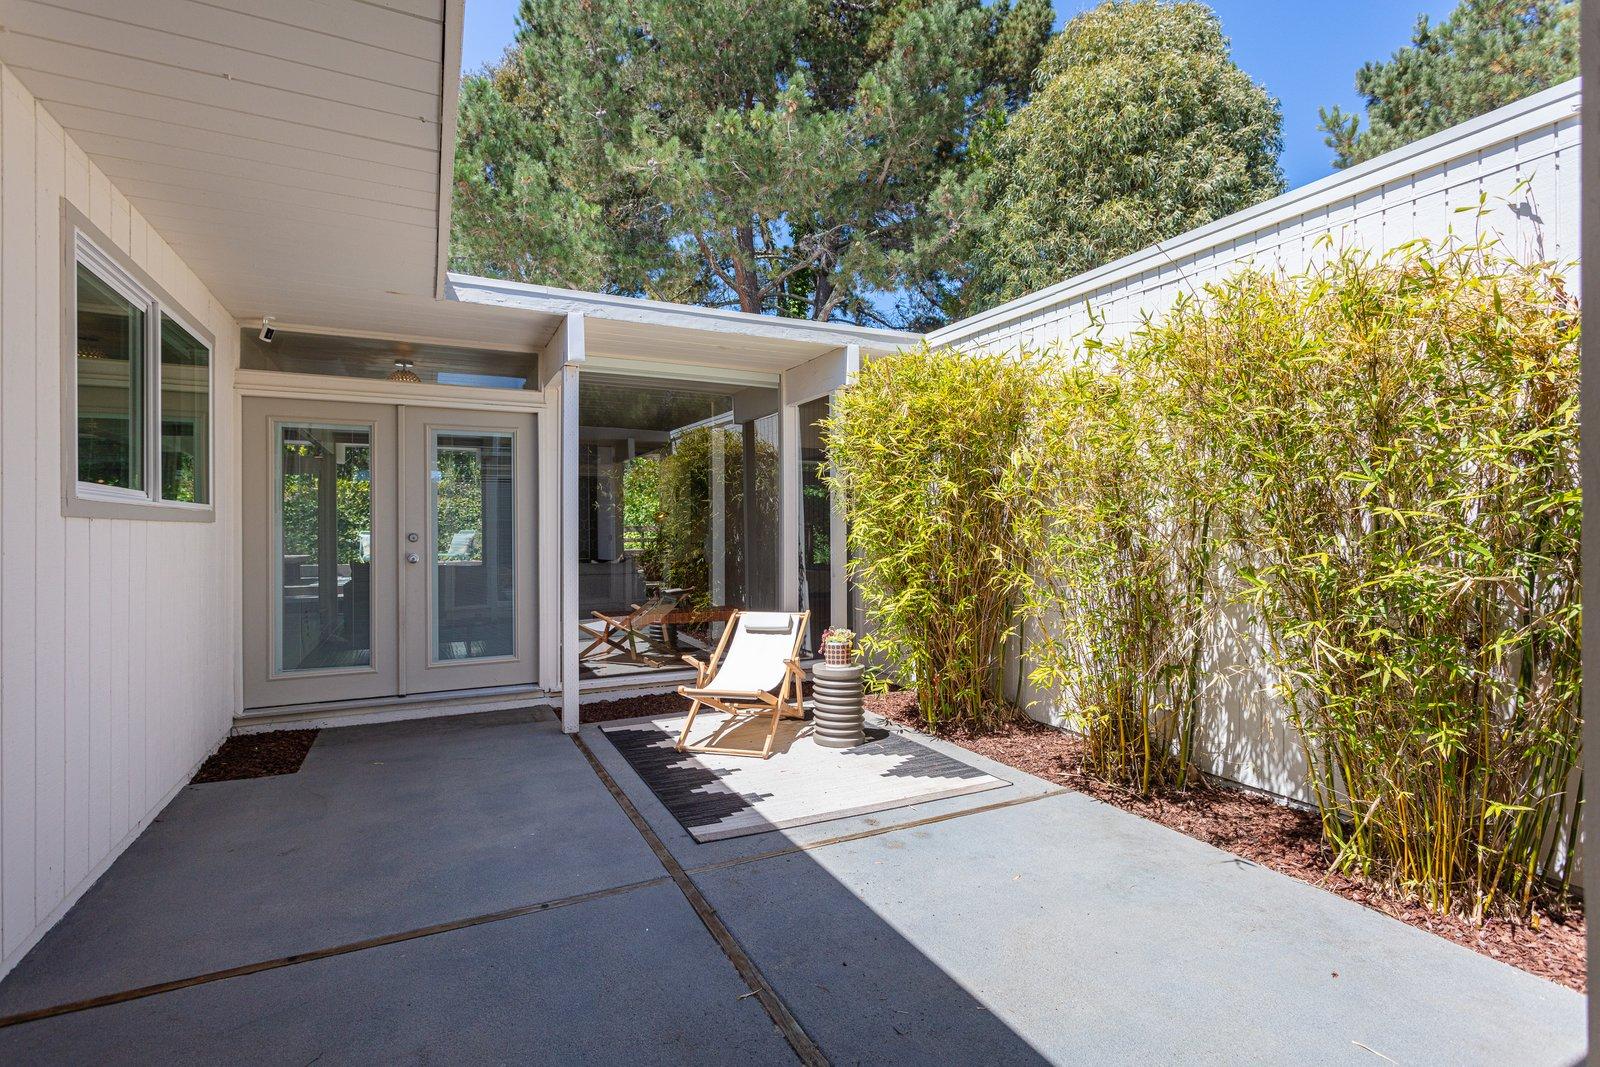 Sequoyah Hills Eichler home courtyard